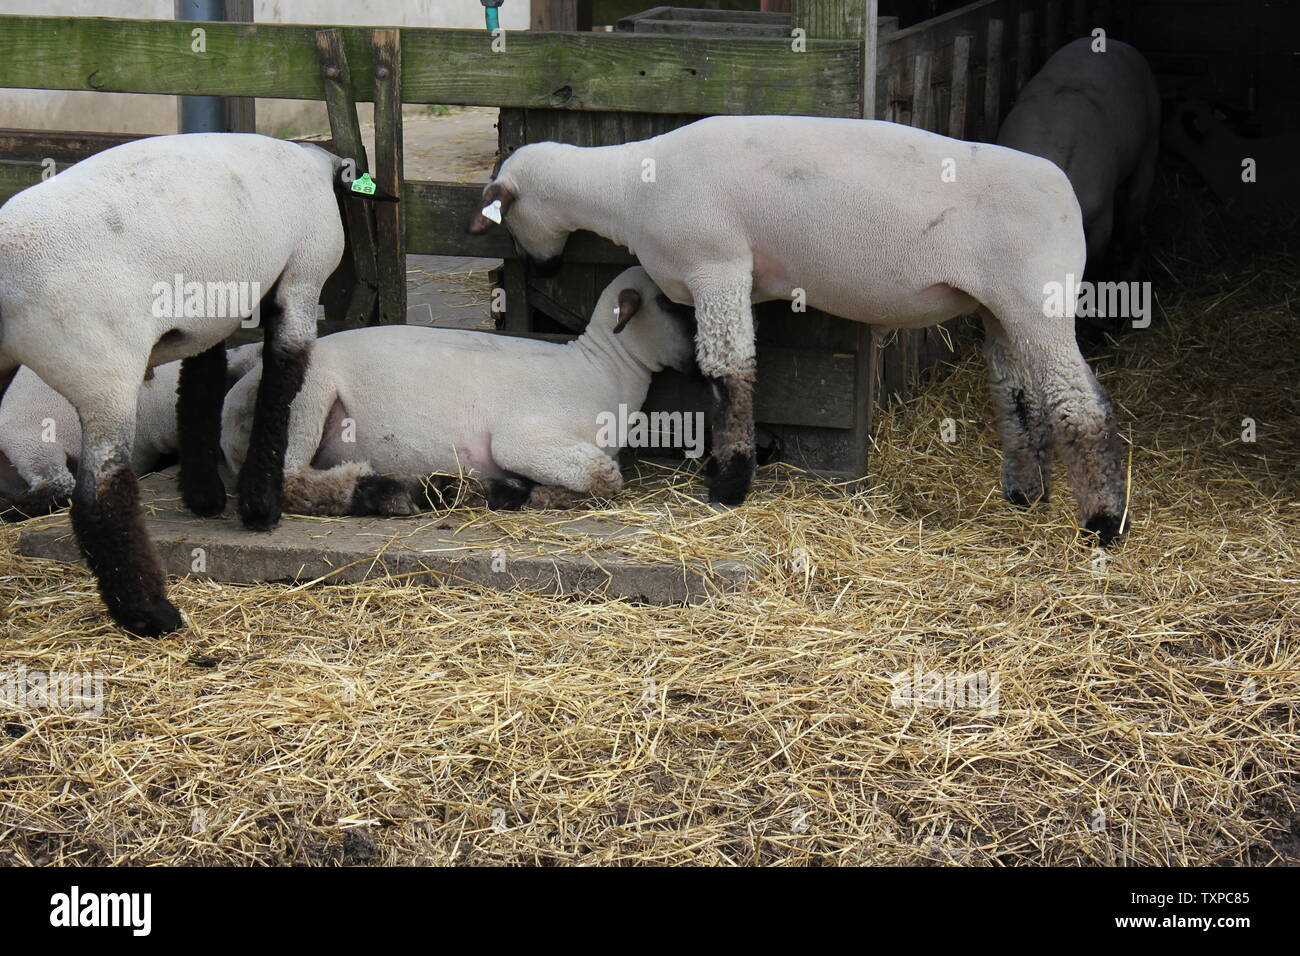 Les moutons domestiques, Ovis aries, race Suffolk, sortir dans leur enclos de porcs à la ferme. Banque D'Images